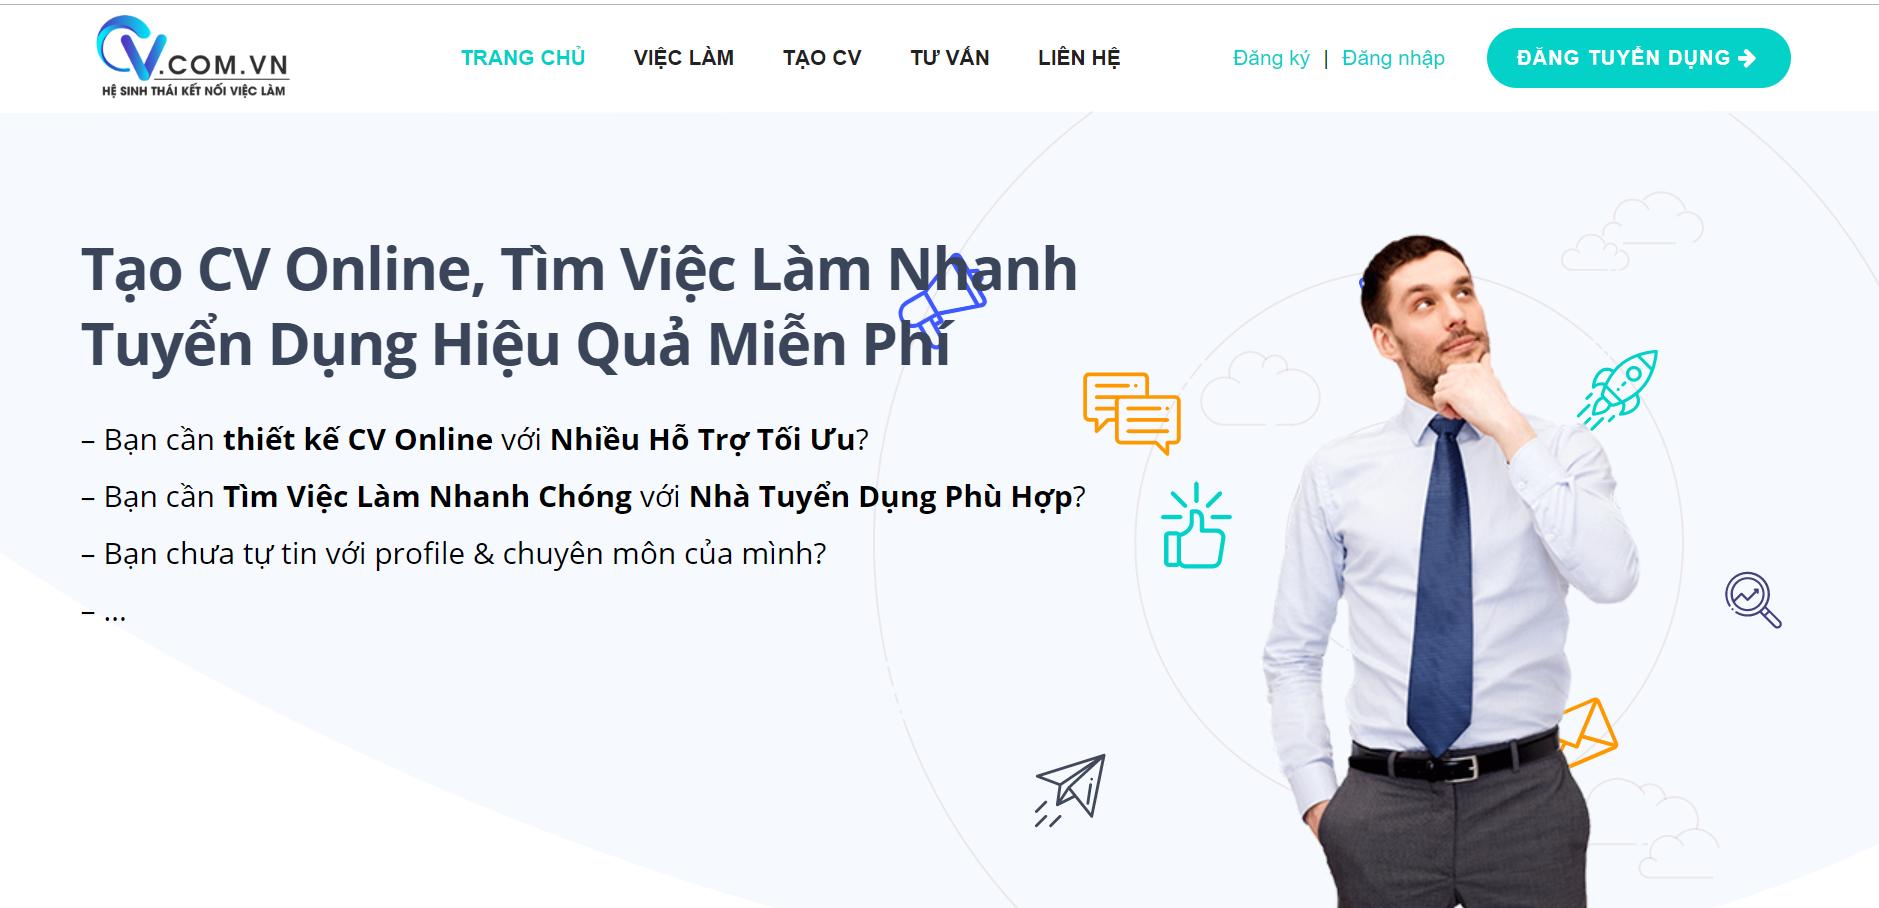 Hệ Sinh Thái Kết Nối Việc Làm Cv.com.vn